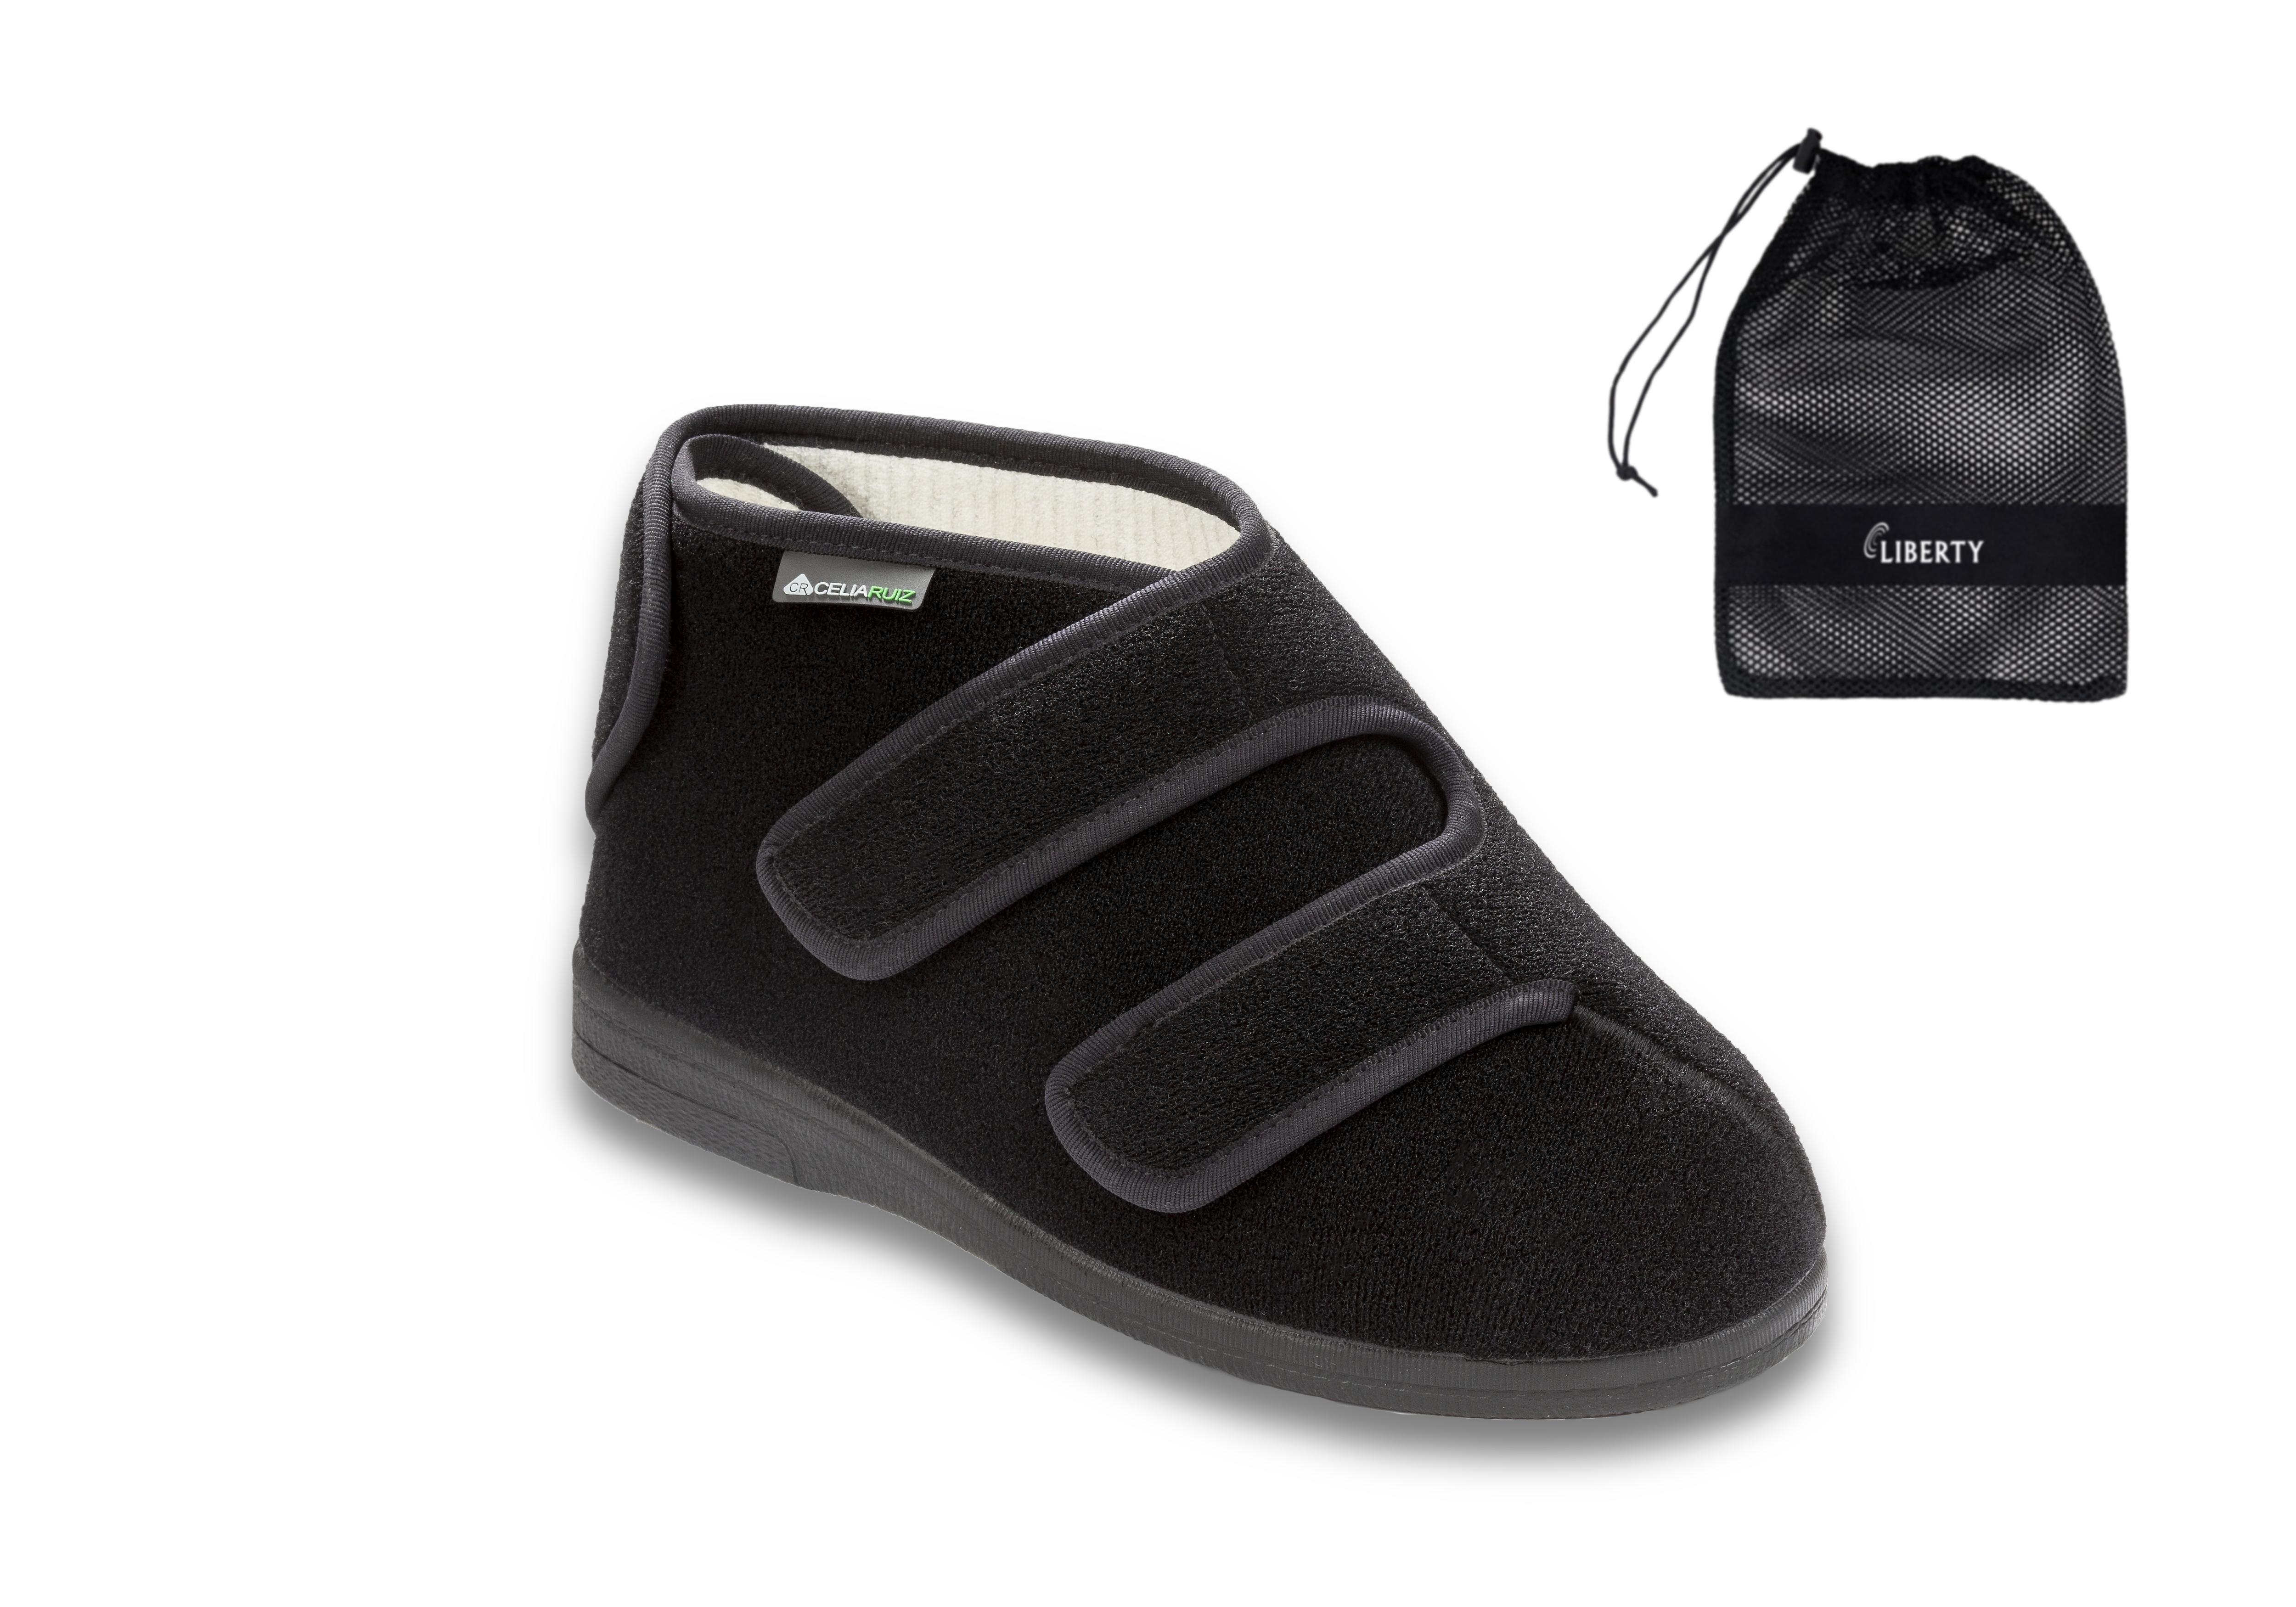 Celia Ruiz CH31 Therapeutic Diabetic Footwear - Diabetic Shoes for Men & Women - High Breathable Diabetic Footwear w/ Velcro Straps & Non-Slip Sole - ...